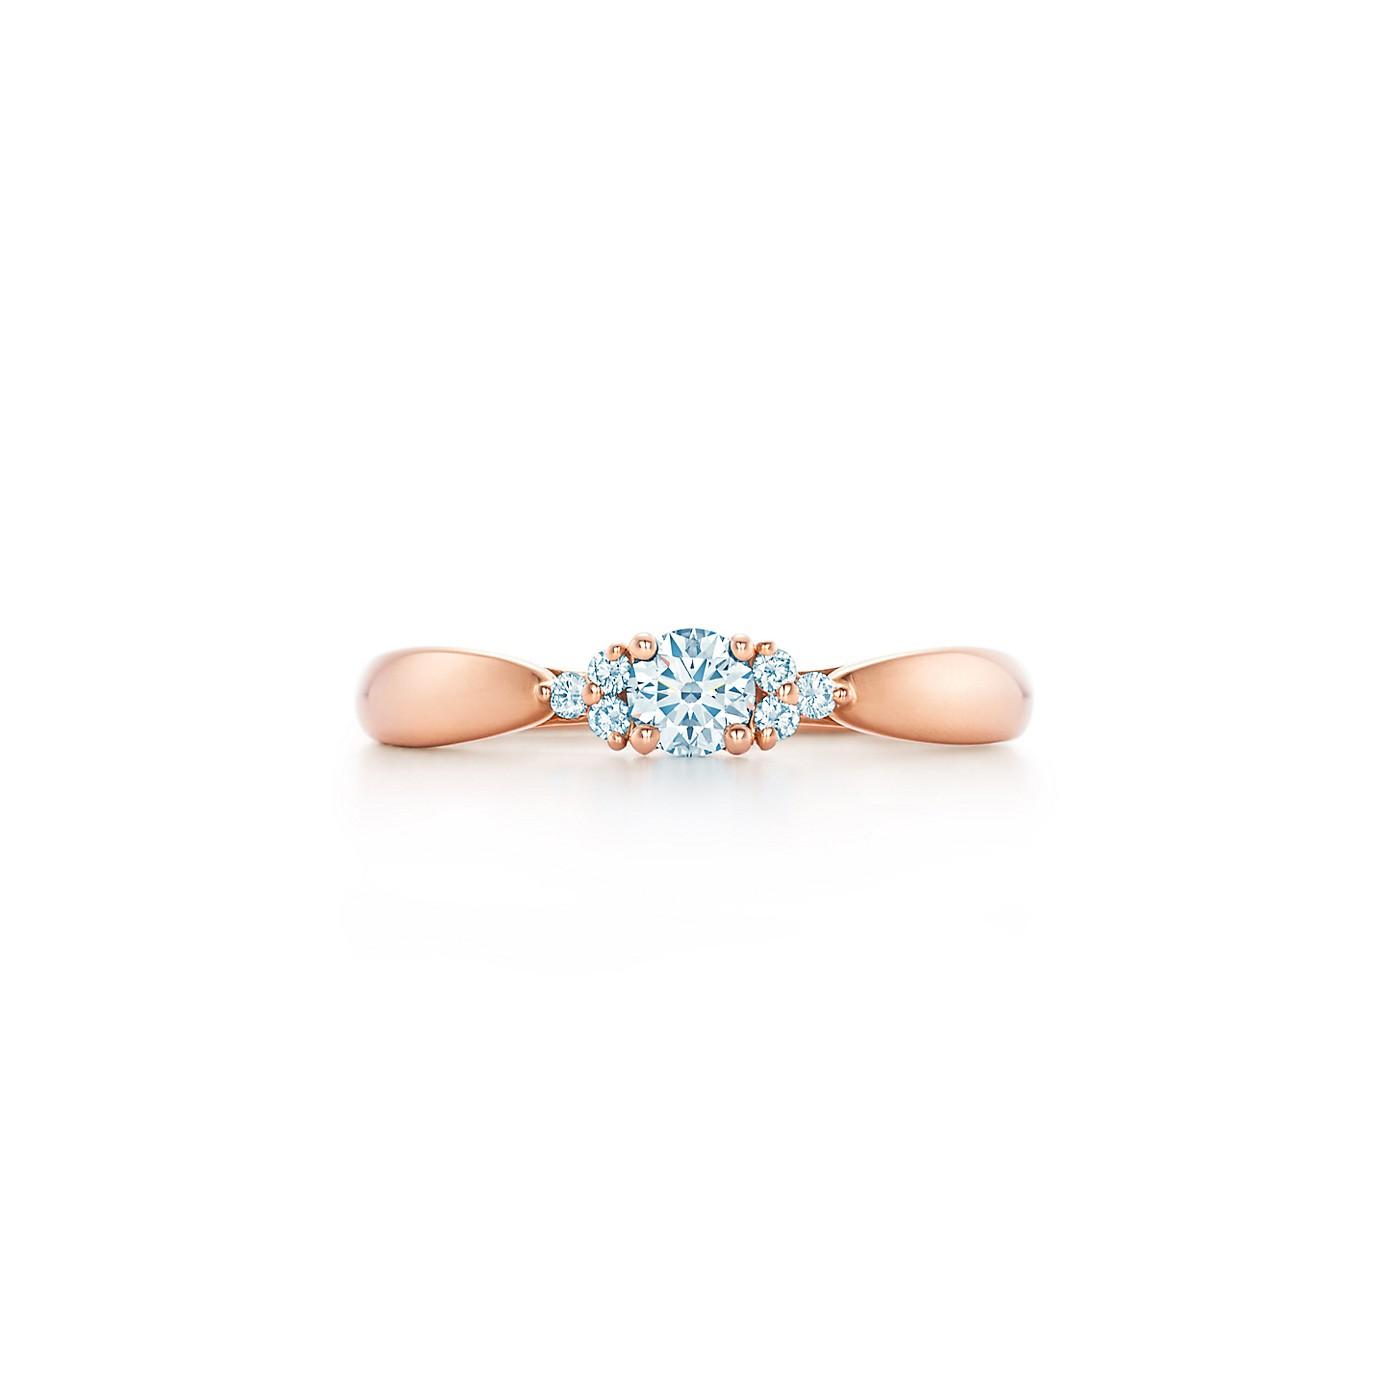 ティファニー ハーモニー クラスター エンゲージメント リング(1)―Tiffany & Co.(ティファニー)